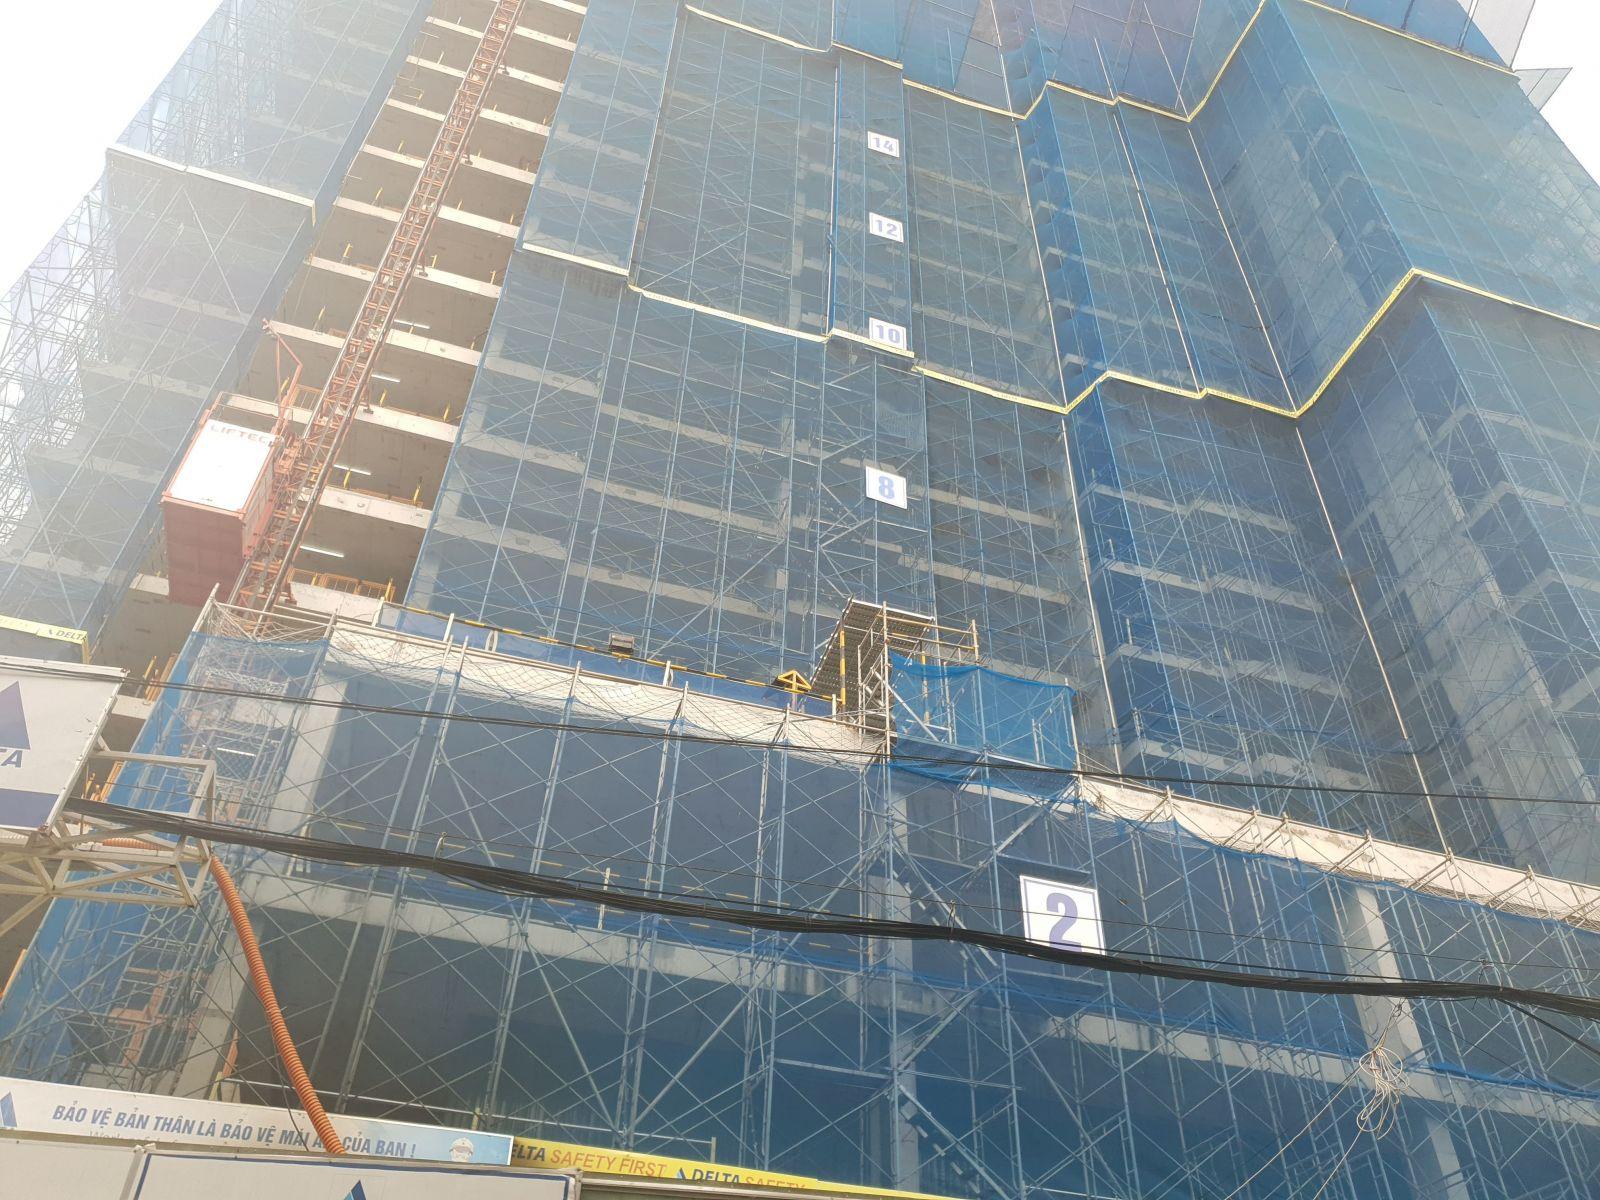 tiến độ xây dựng căn hô 66 tân thành đỗ ngọc thạnh